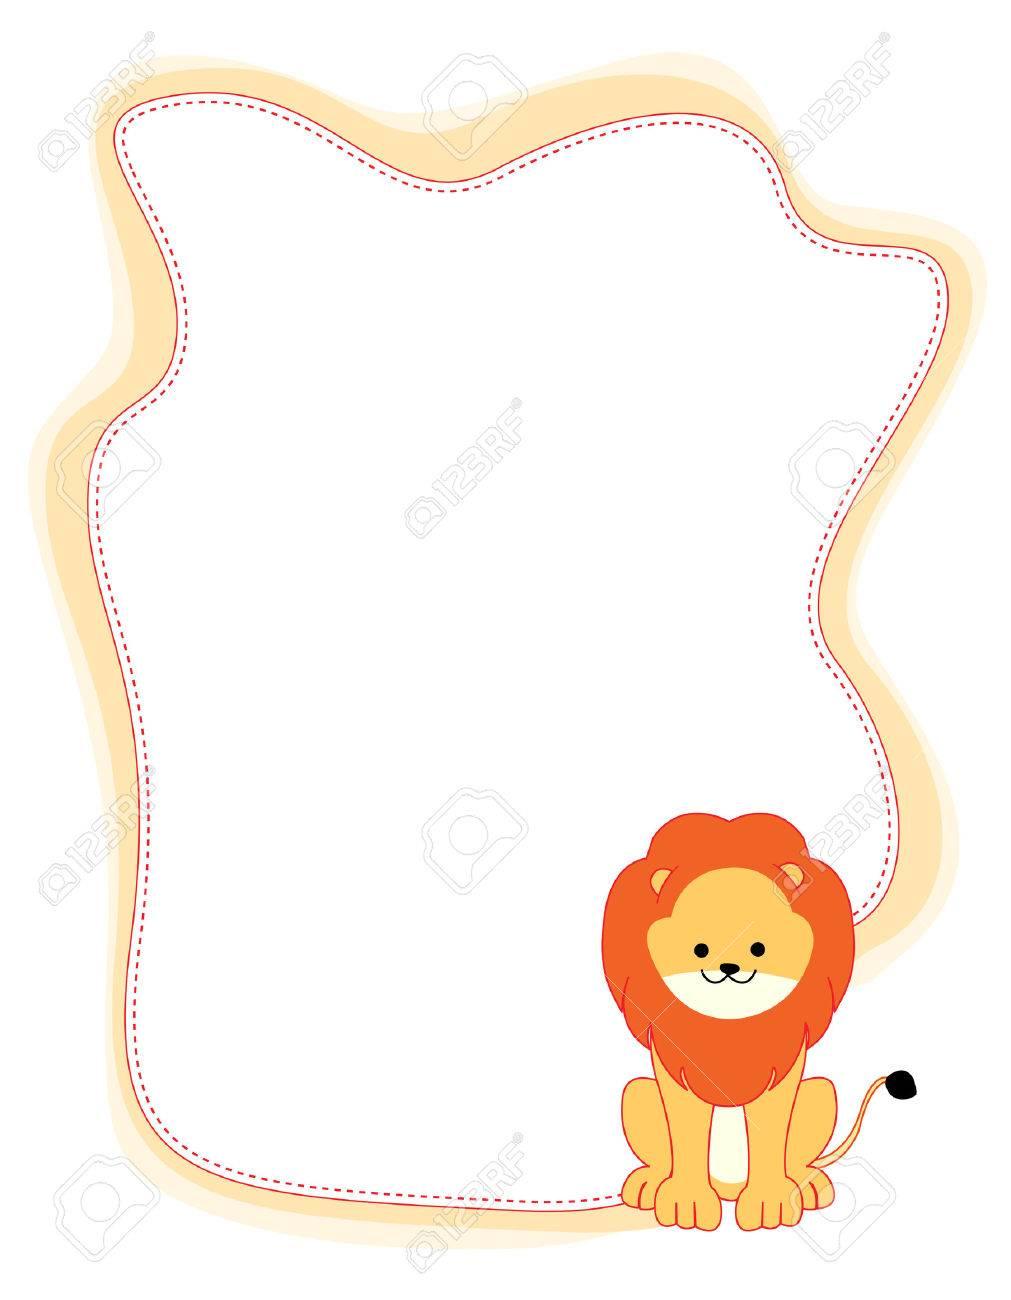 かわいい小さなライオン国境のイラスト/フレーム ロイヤリティフリー